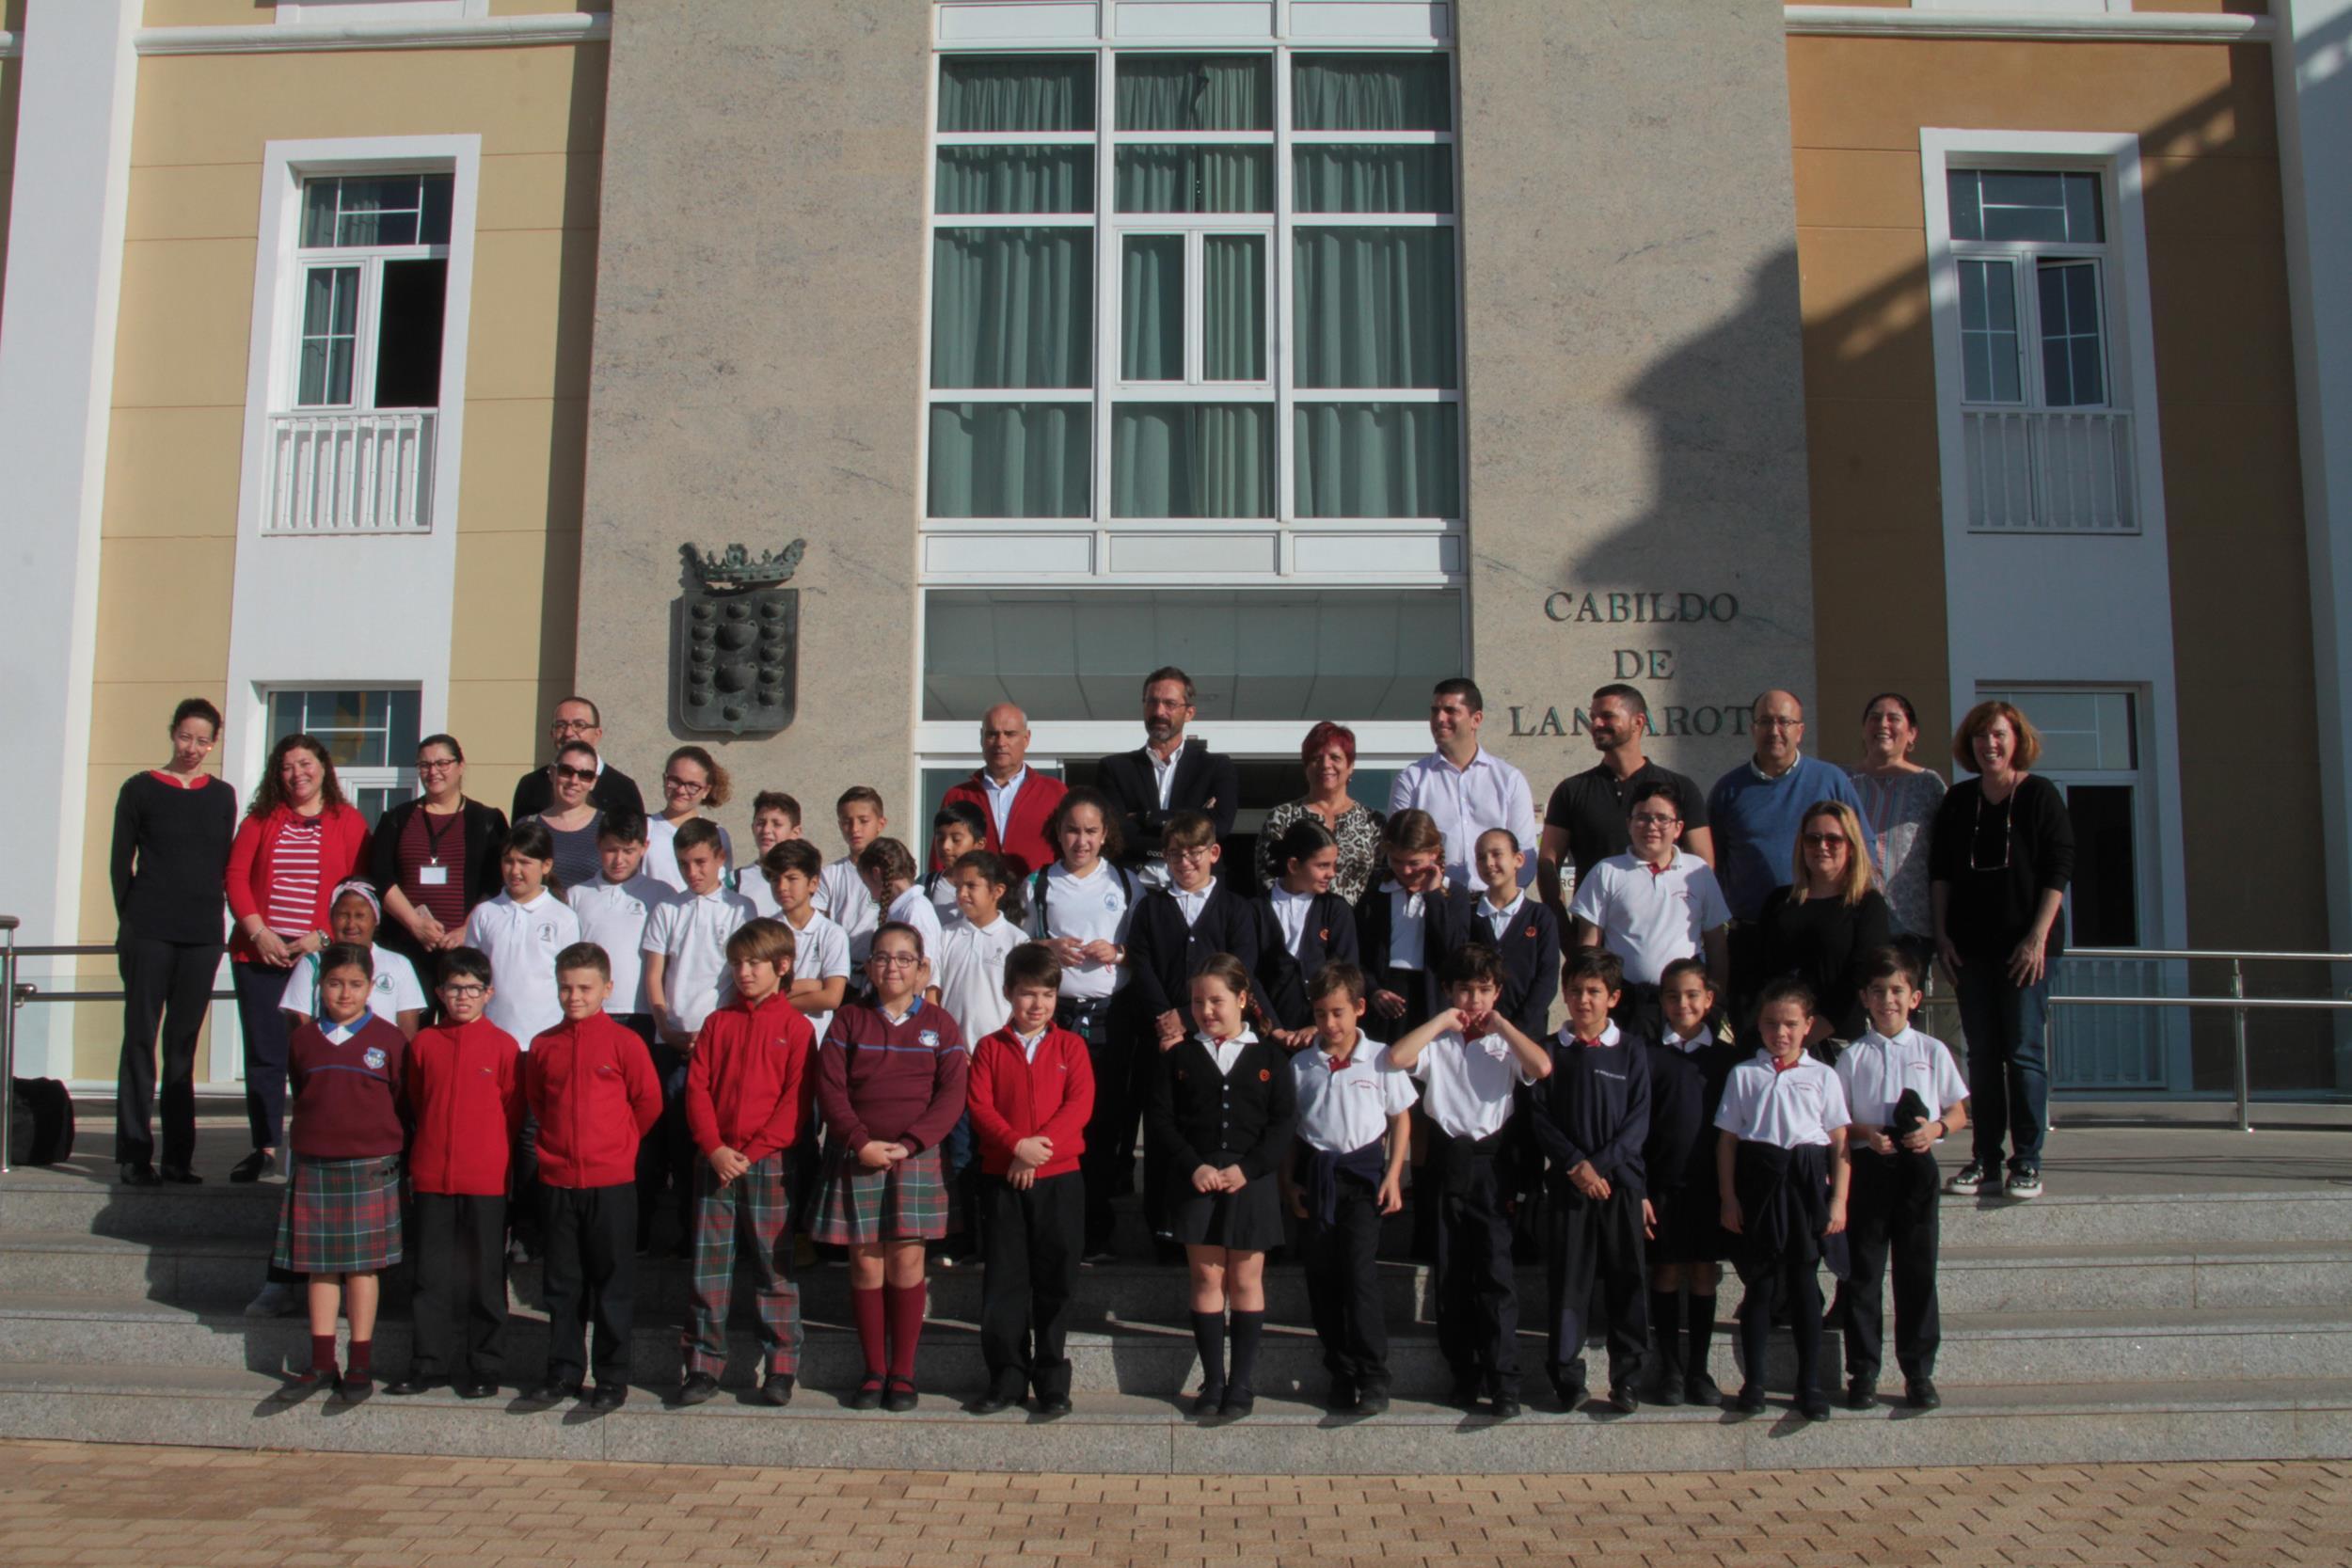 Treinta alumnos de Primaria visitan el Cabildo de Lanzarote en la primera fase del Concurso 'Conoce tu Cabildo, participa'